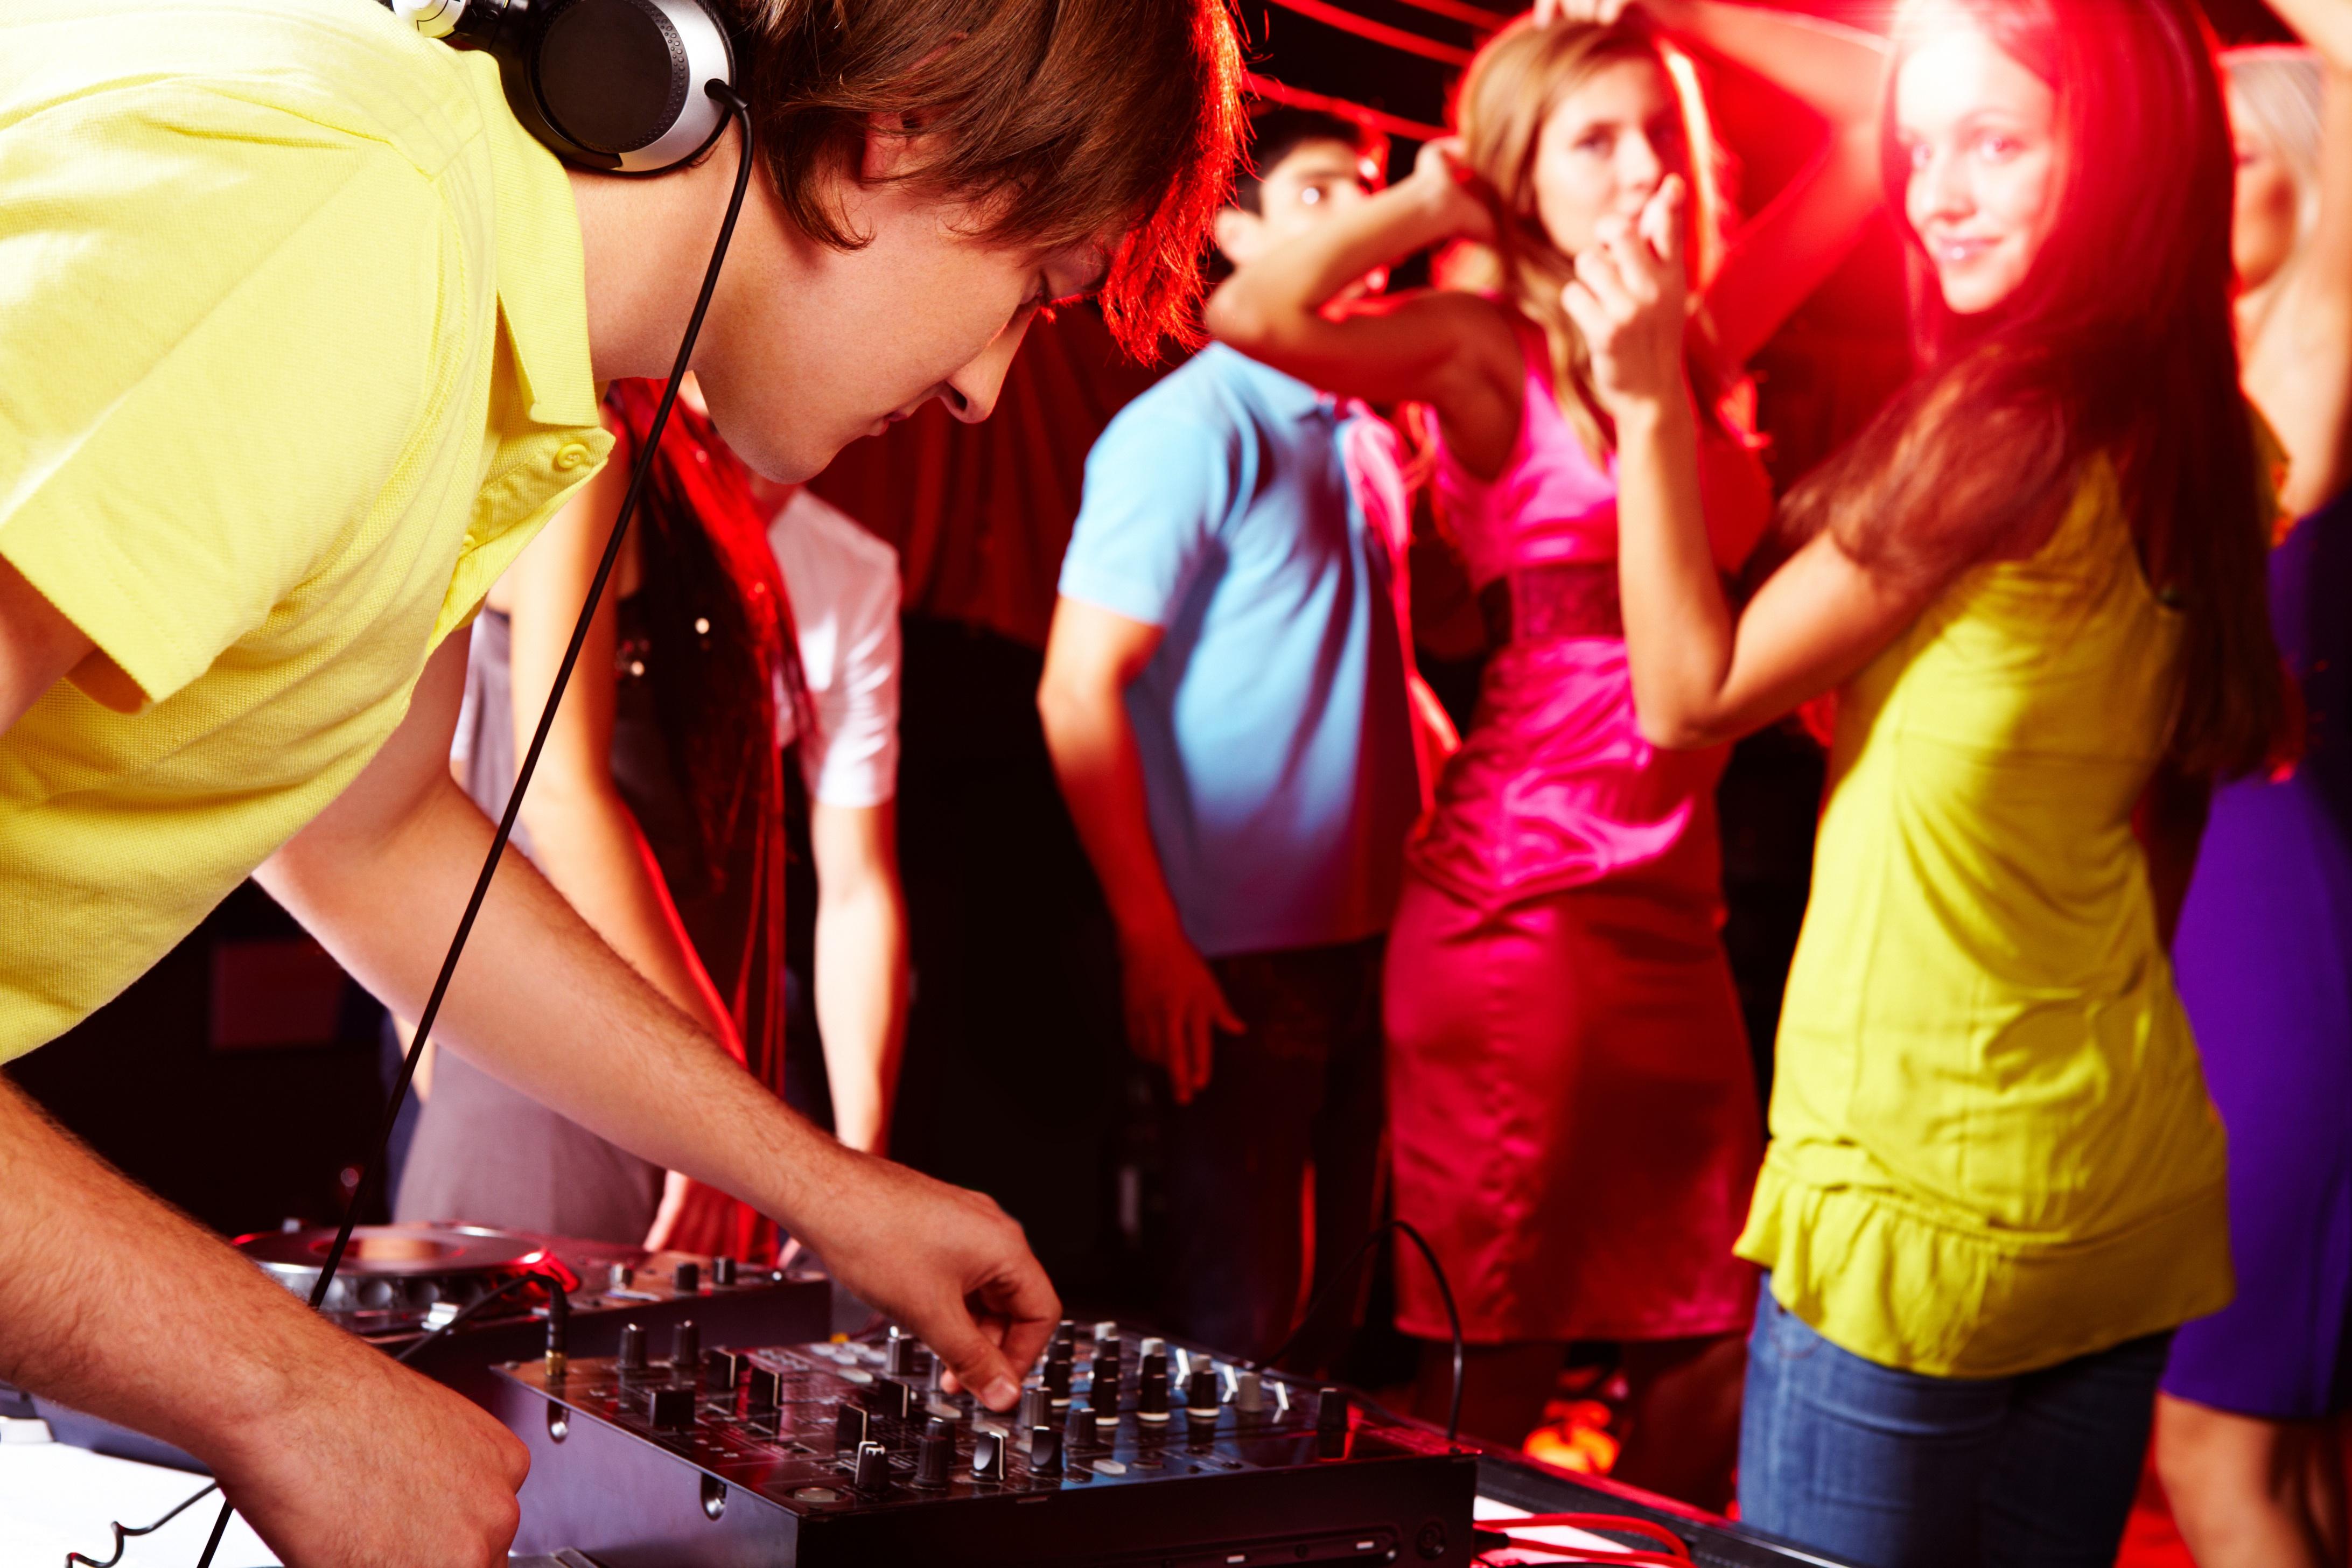 djparty_dancing_bookadj.ie